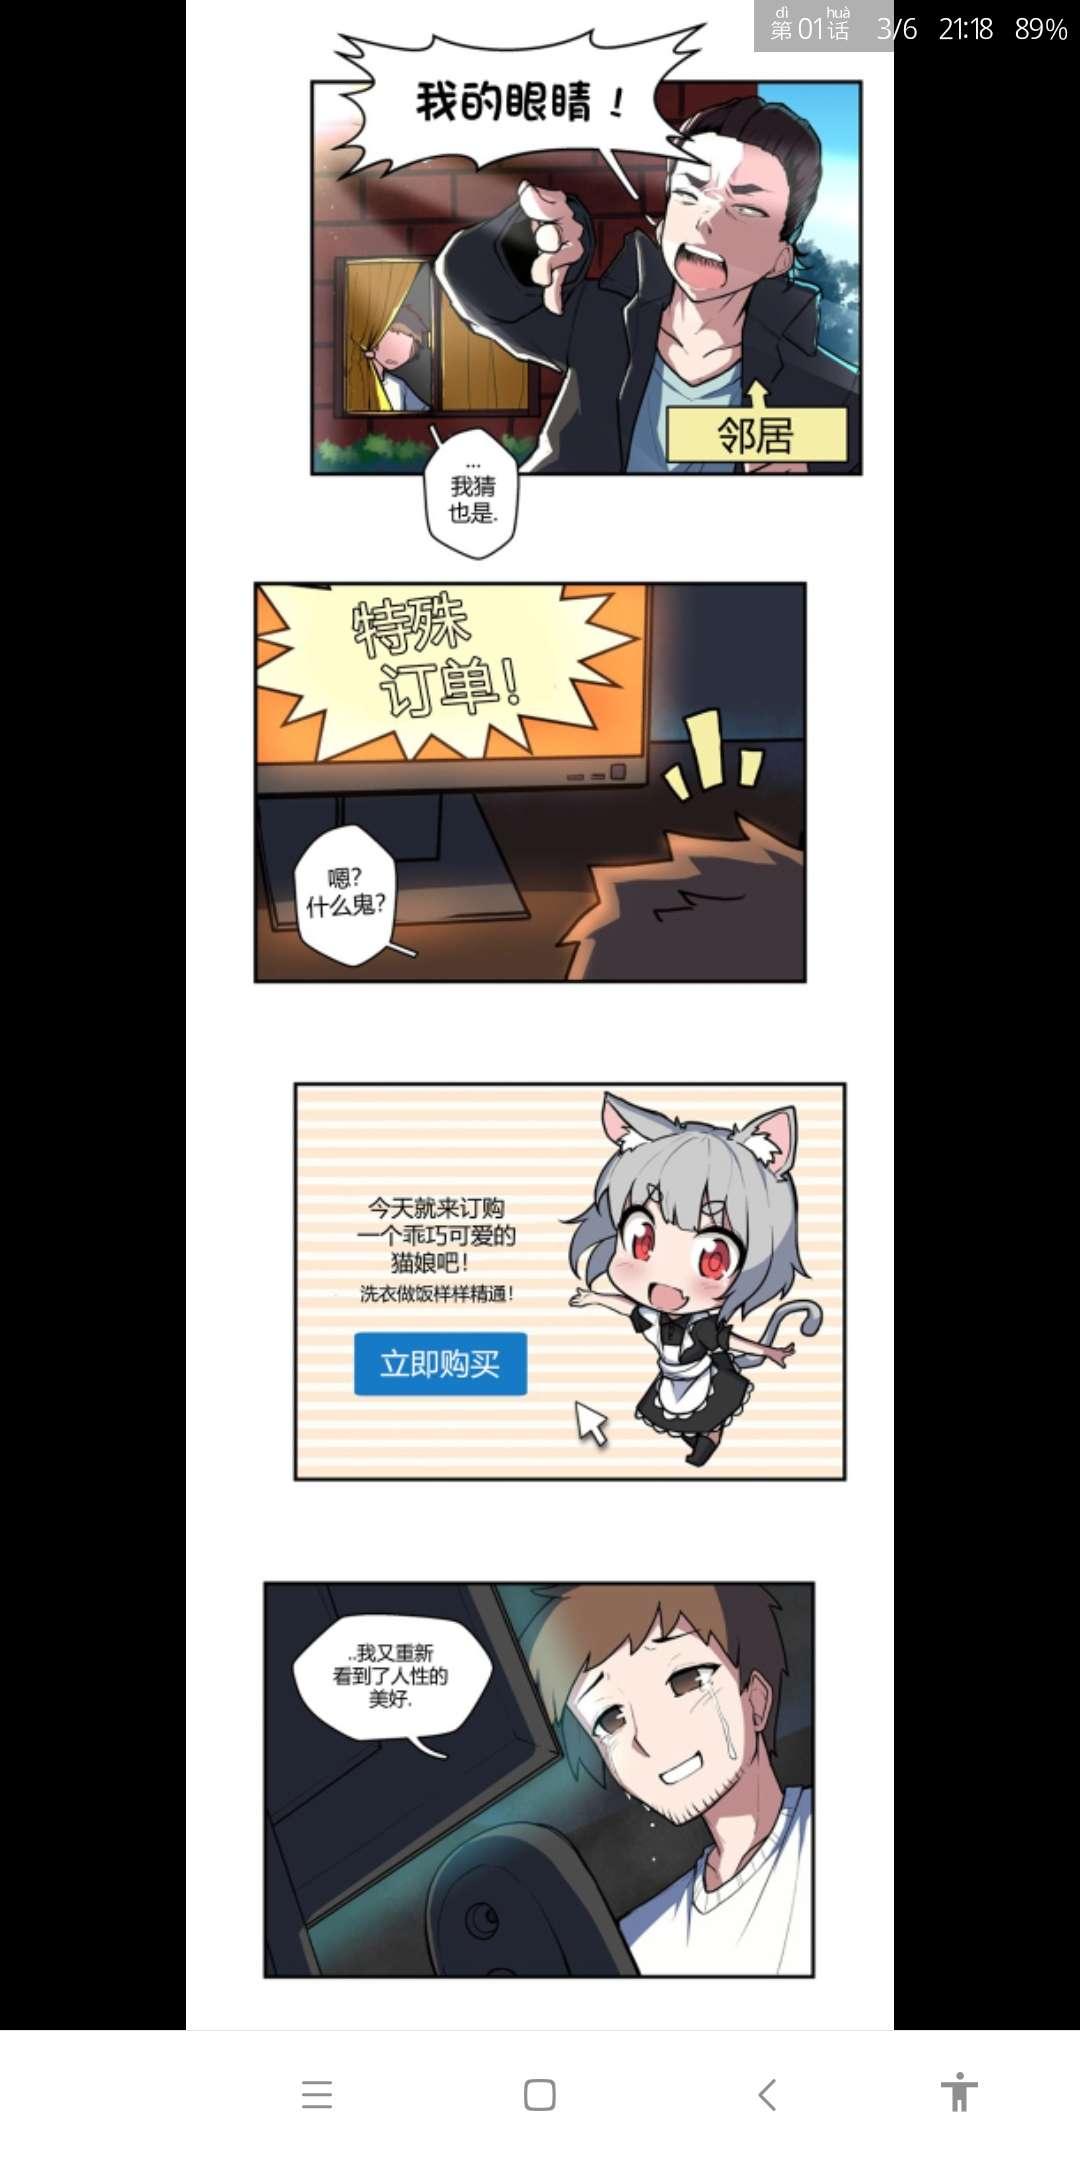 【漫画】狐娘赛高,恶性动态图3000期